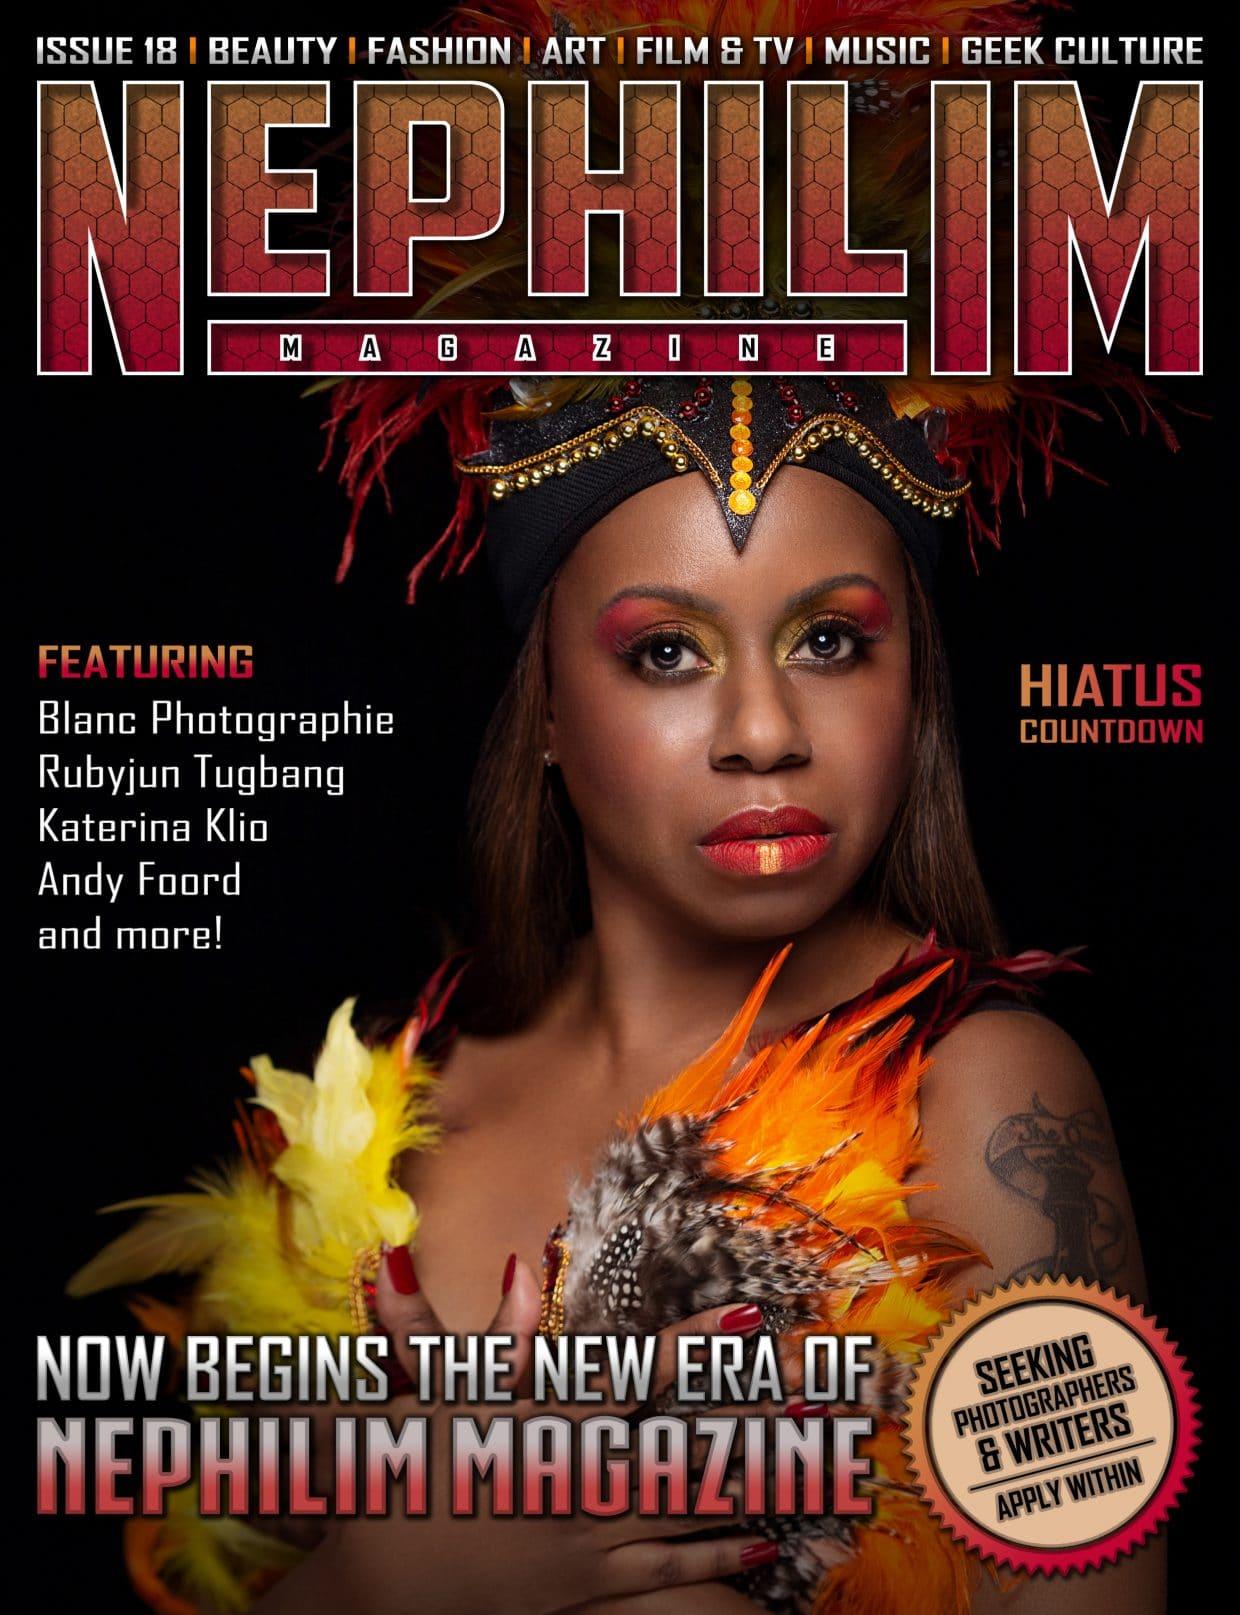 Nephilim Magazine - Issue 18 1